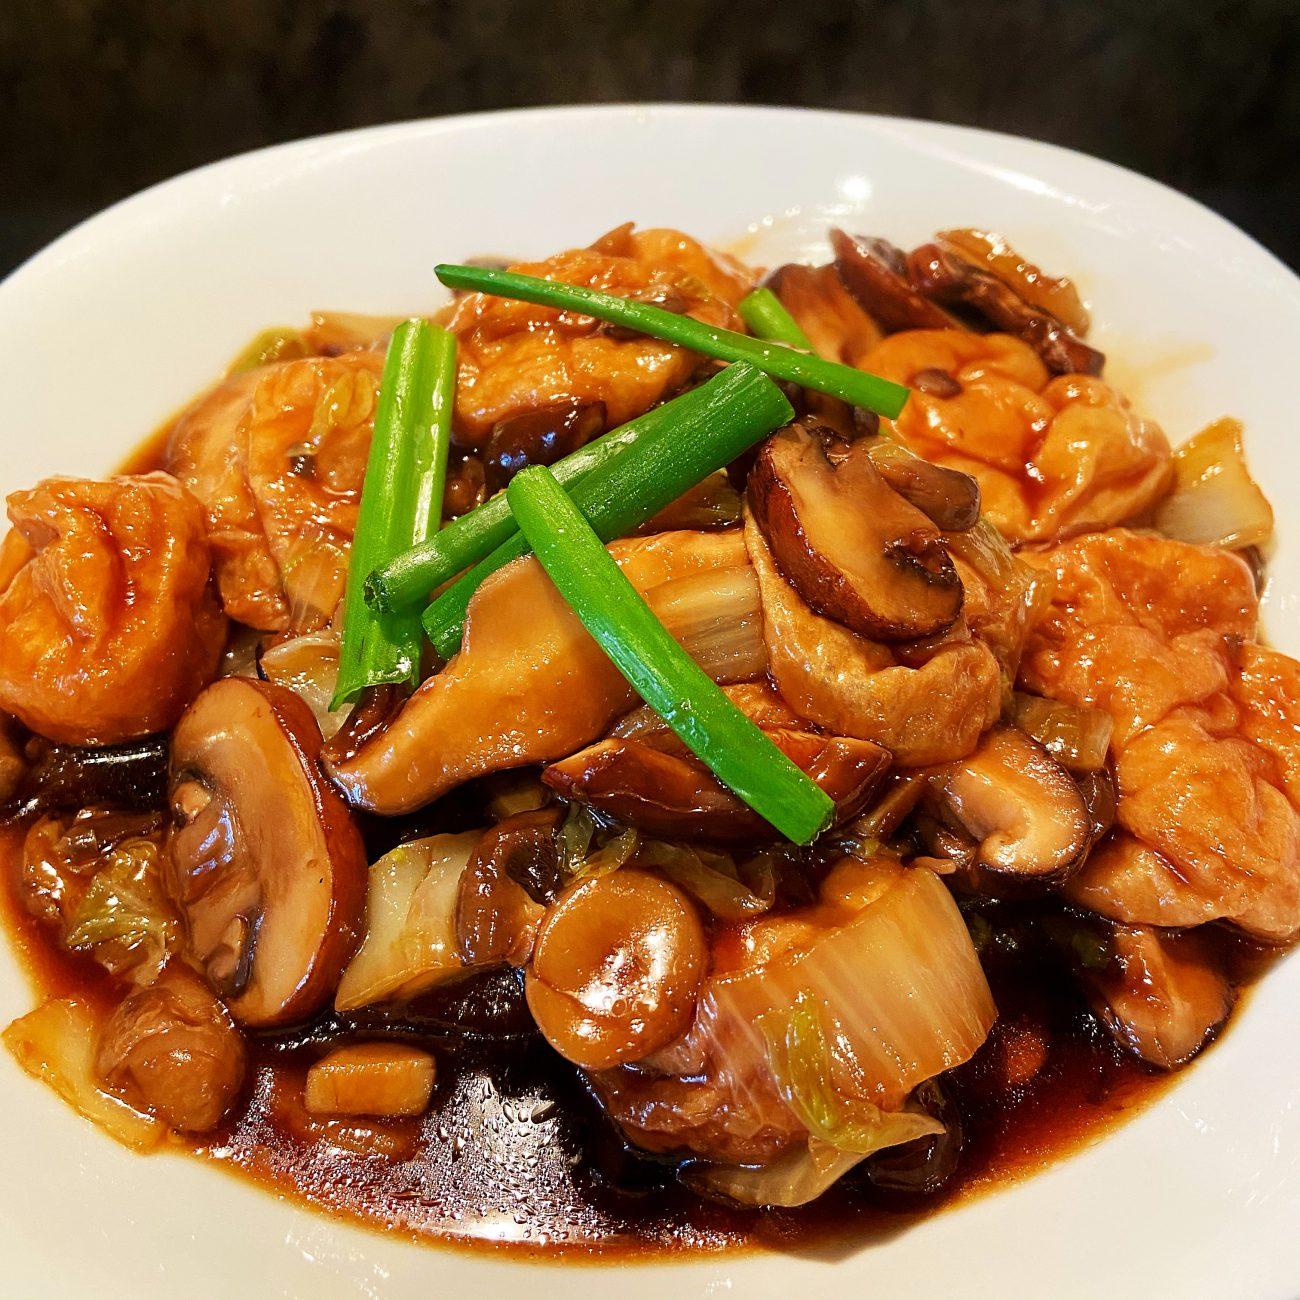 Double Mushrooms with Gluten Puff (Shanghai Shuang Gu Hui Mian Jing)